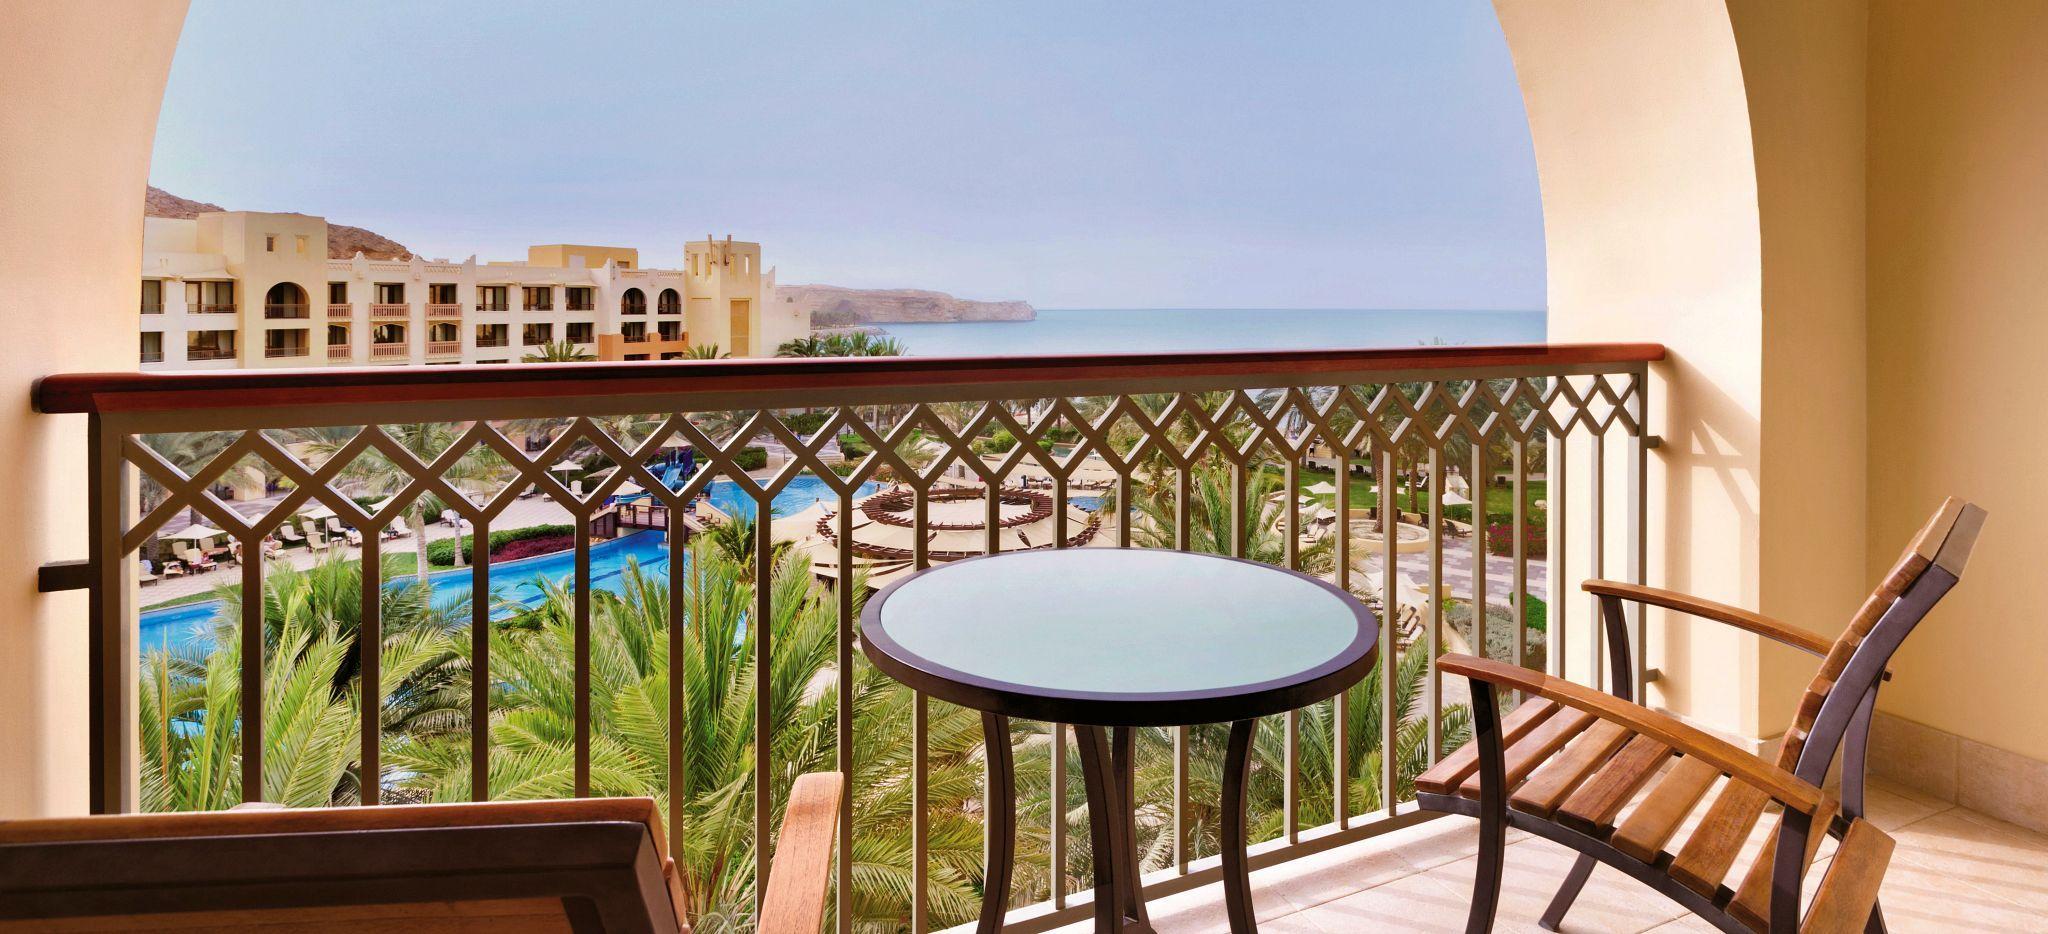 Der Balkon der One Bedroom Suite im Shangri-La Barr Al Jissah Al Bandar Resort nahe Maskat, Oman